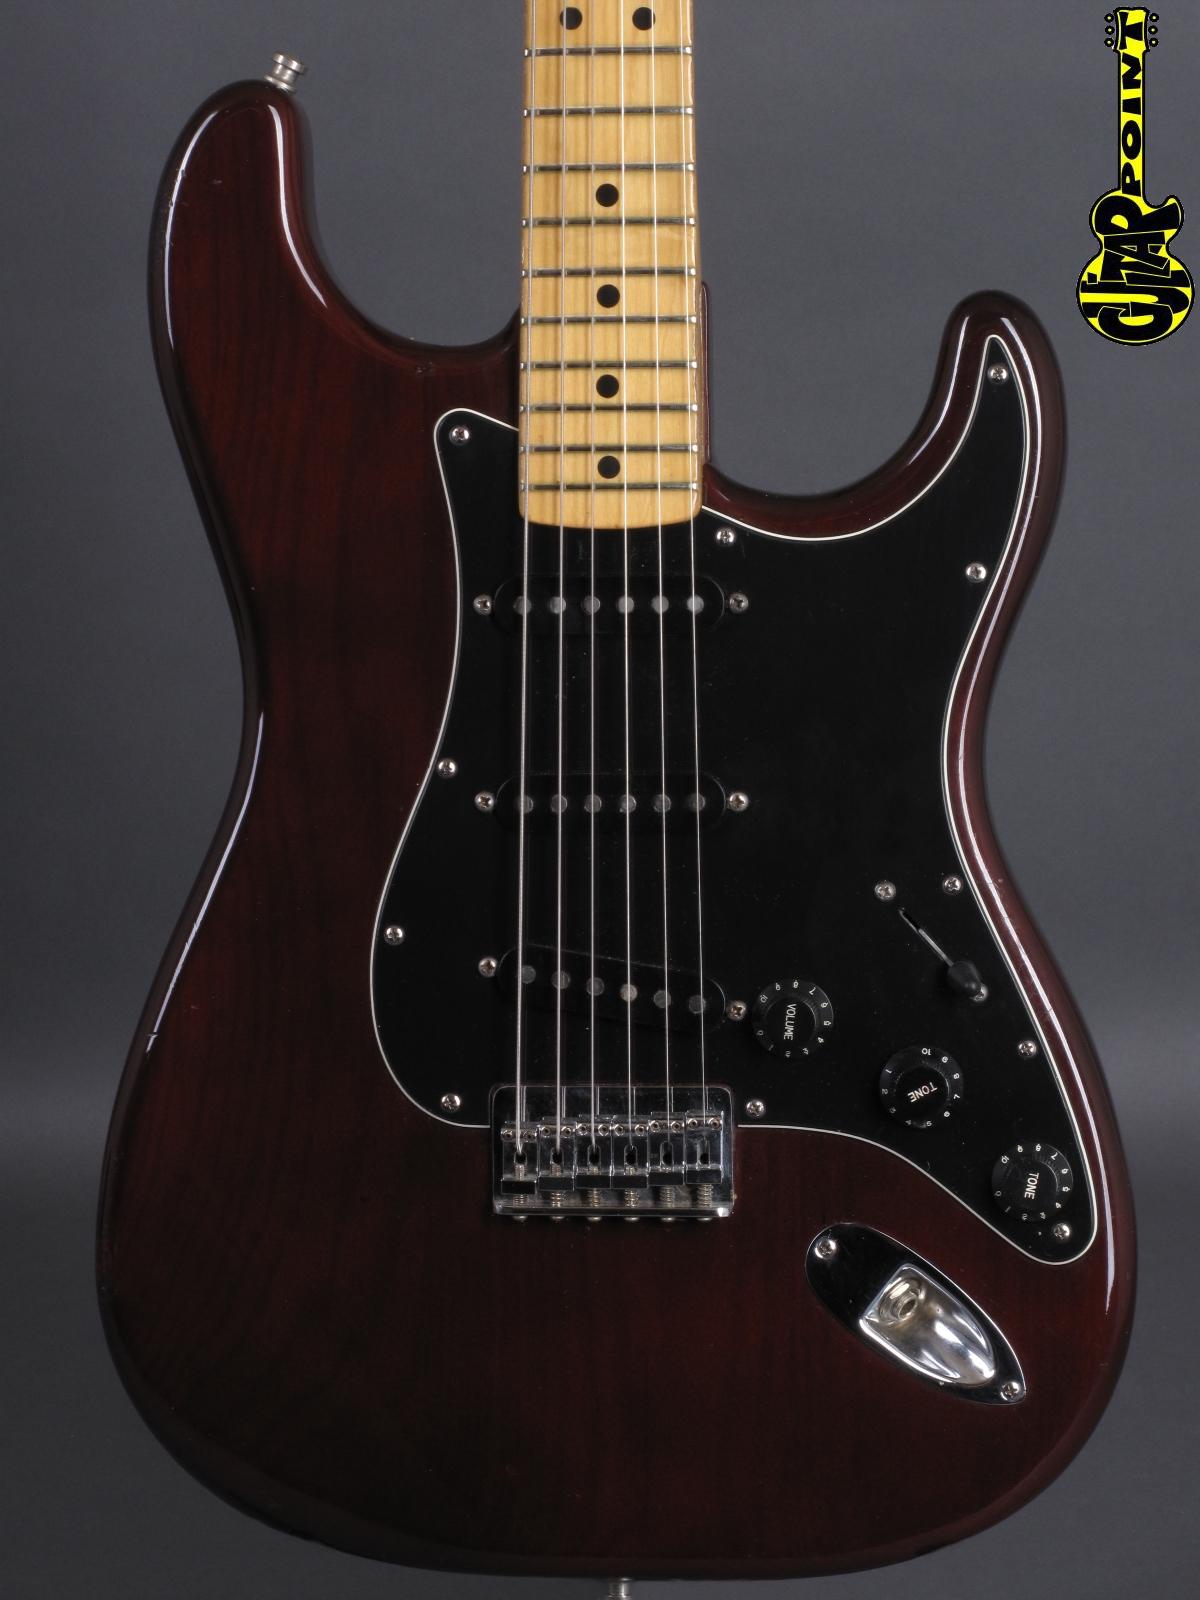 1977 Fender Stratocaster - Burgundy Mapleneck